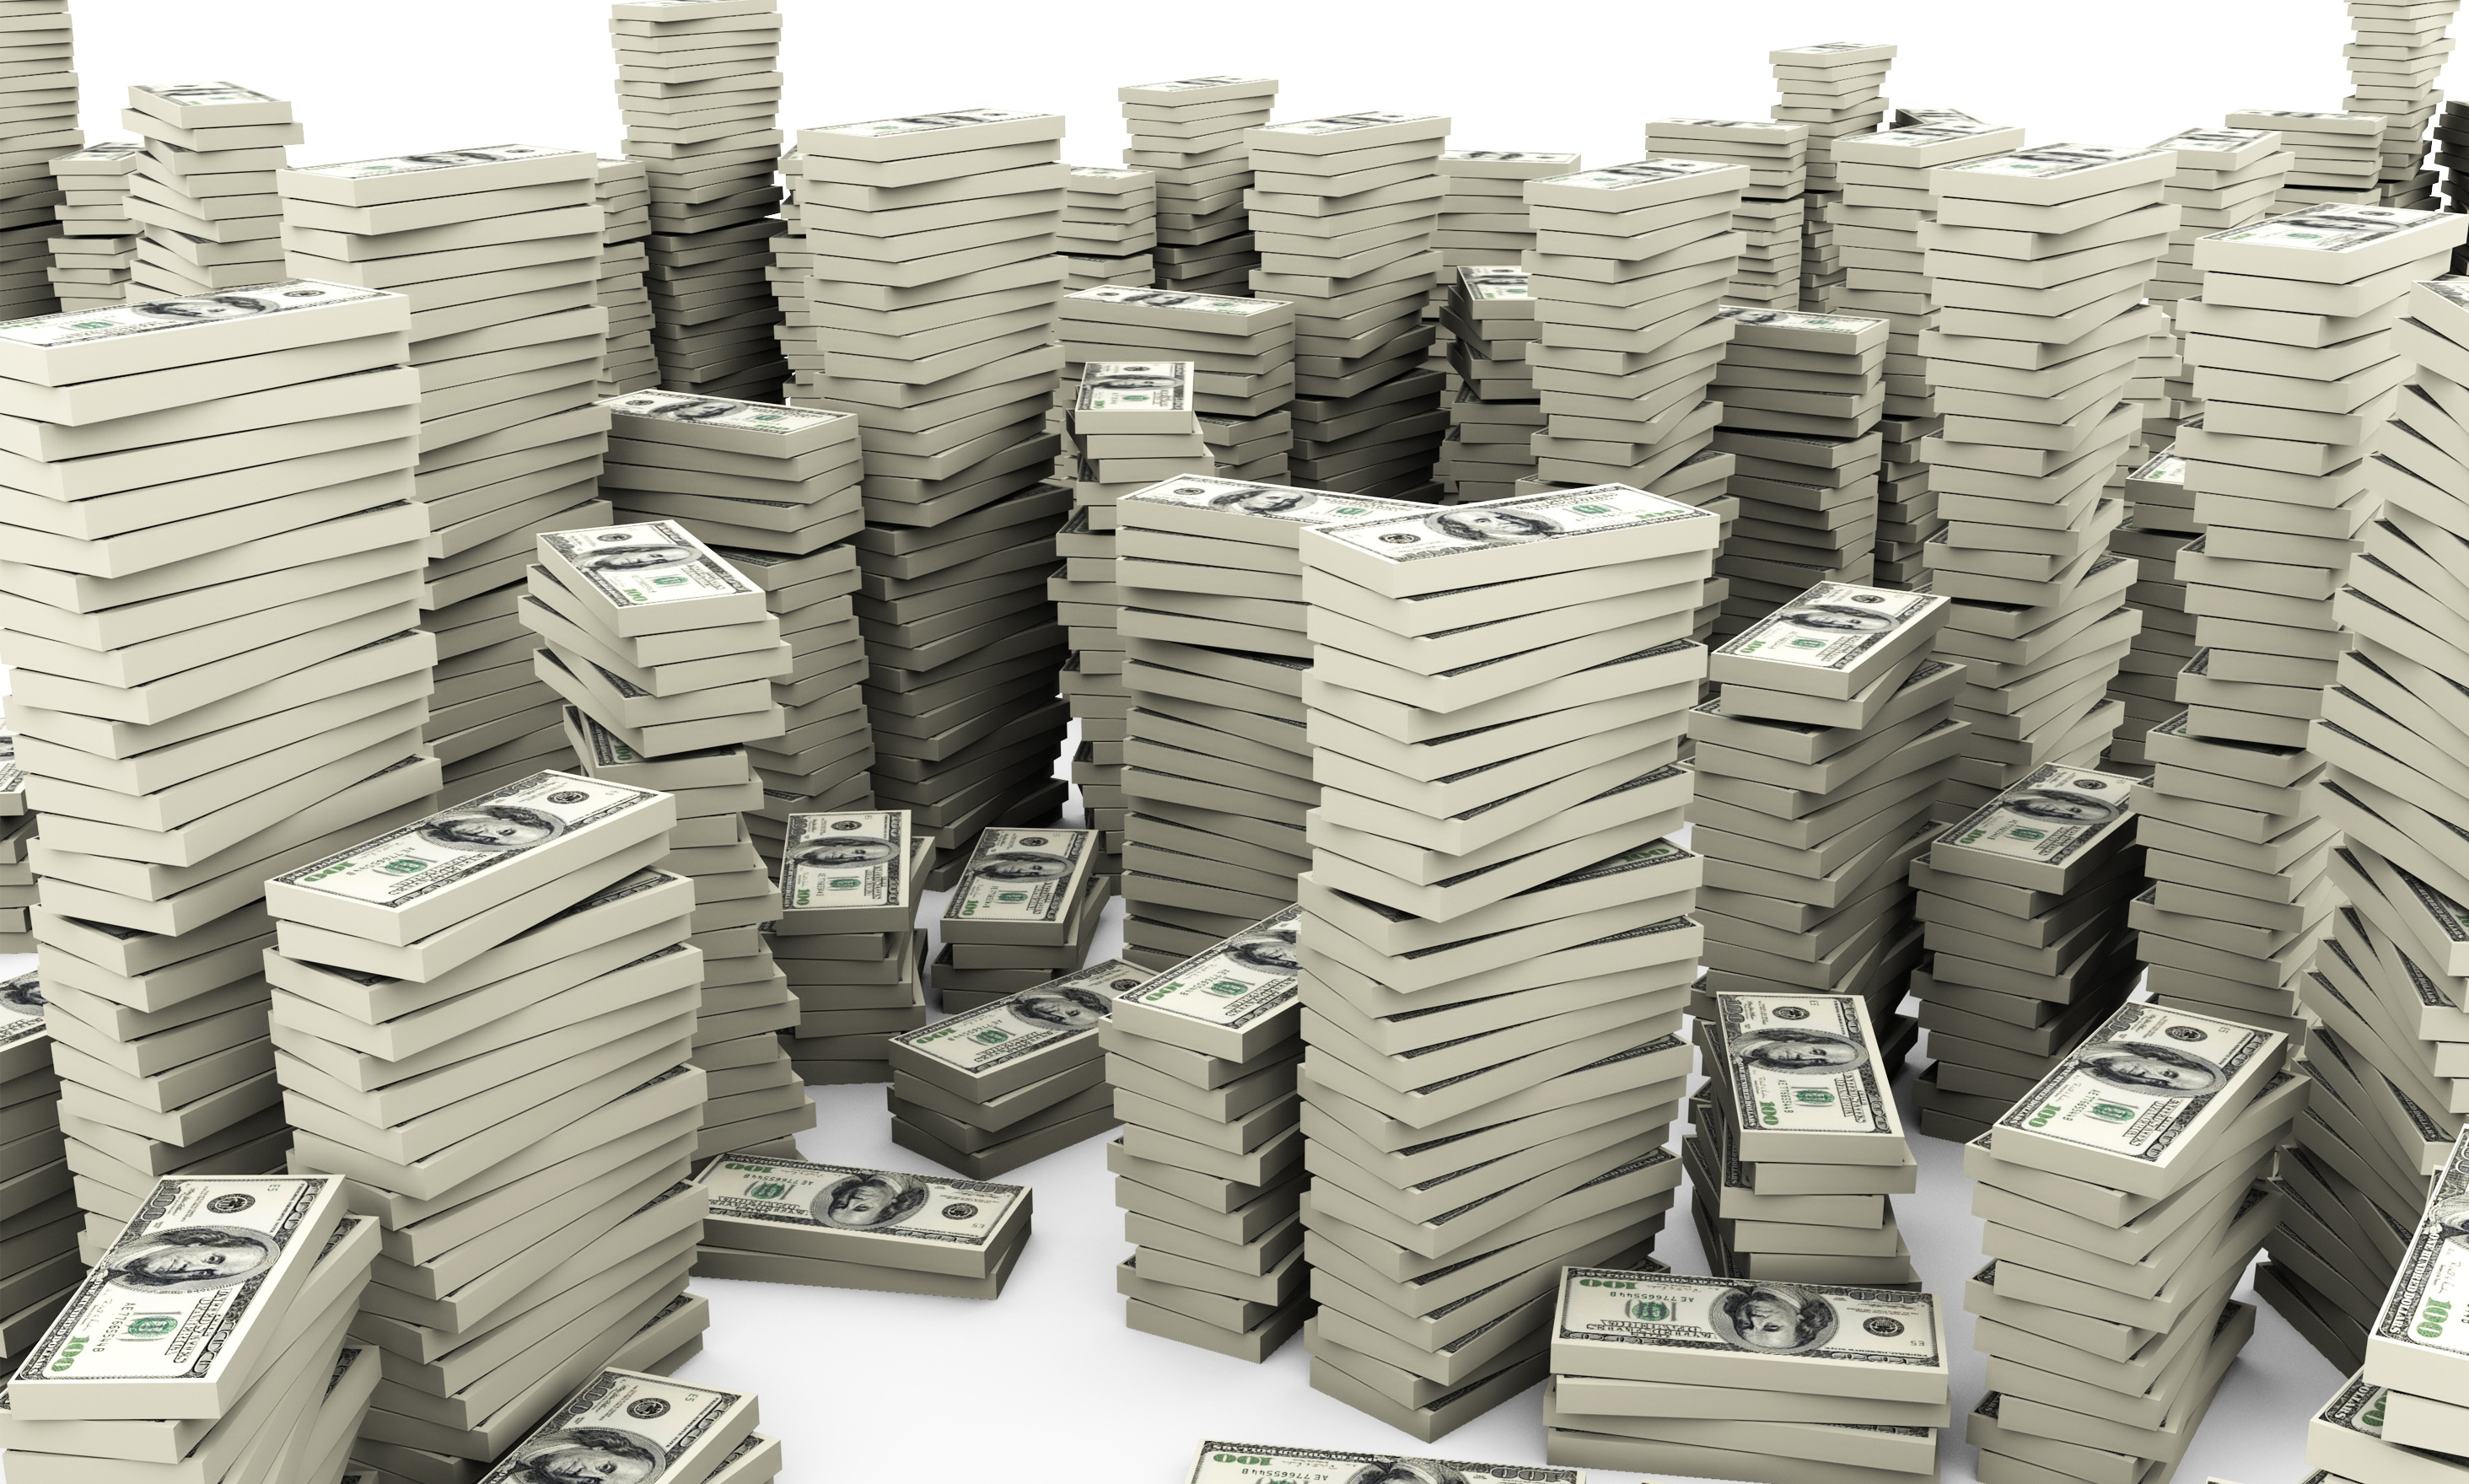 Η υπέρ-συγκέντρωση του πλούτου και οι δύο τάξεις